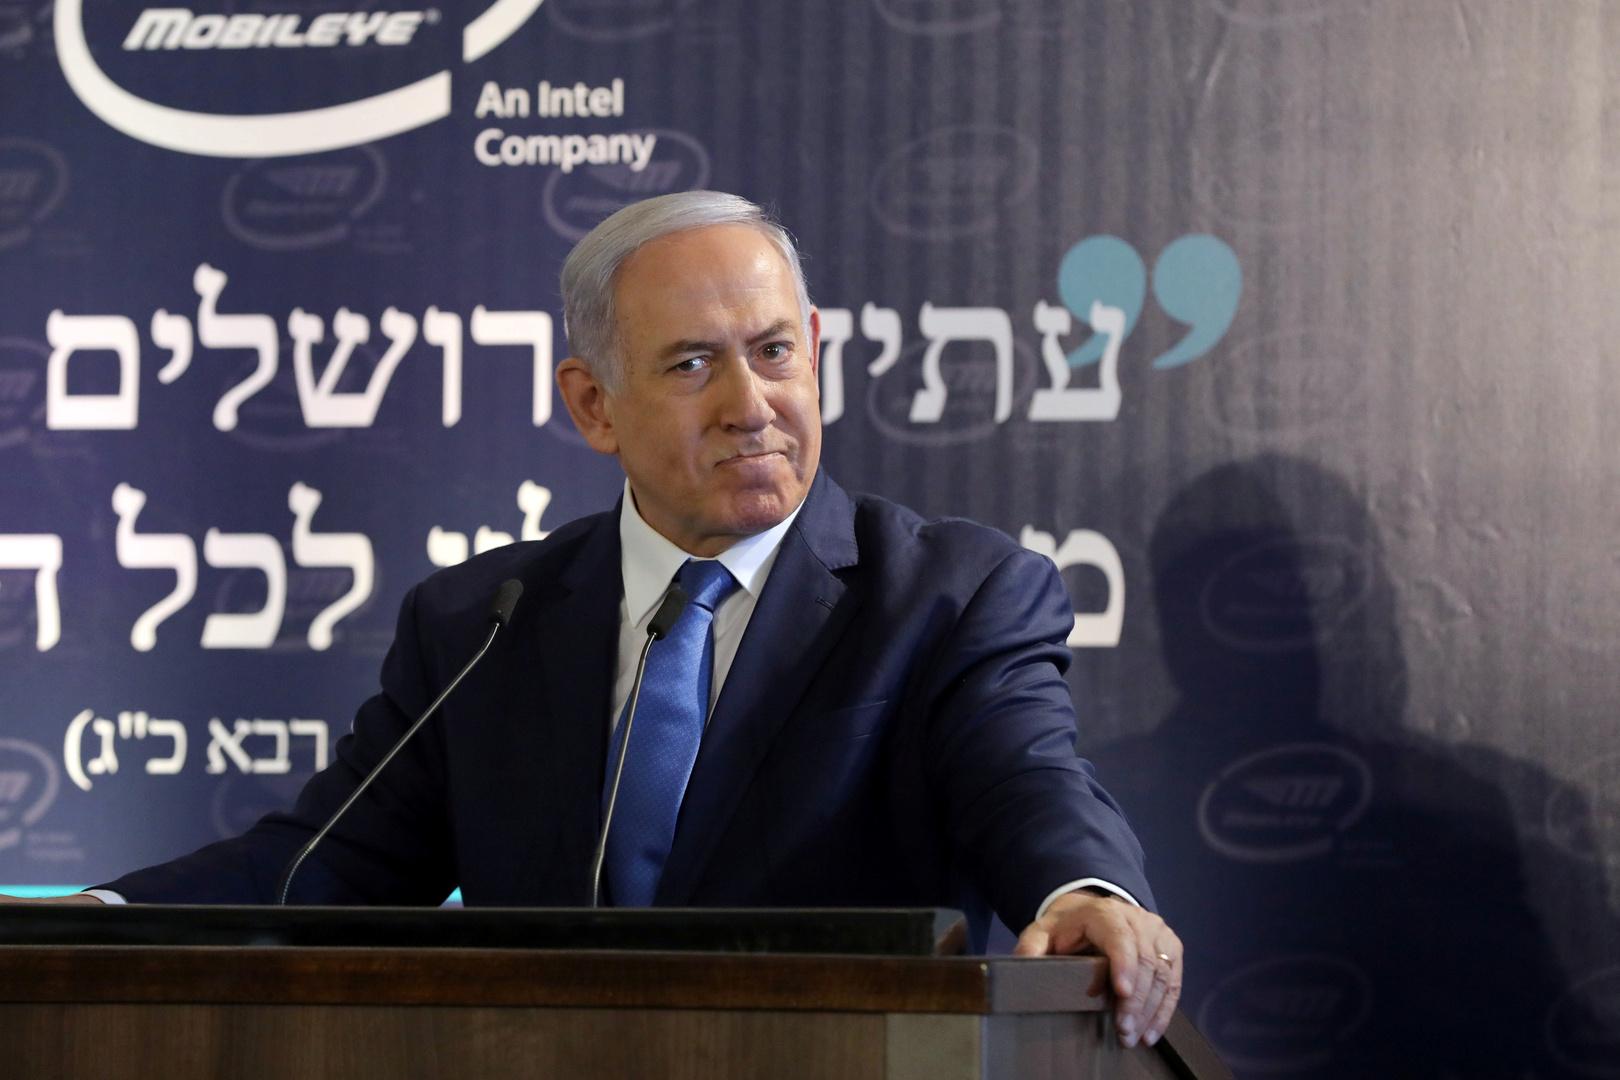 نتنياهو داعيا الفلسطينيين للتفاوض: الضم لن يسيء للسلام وخطة ترامب أنهت أوهام حل الدولتين